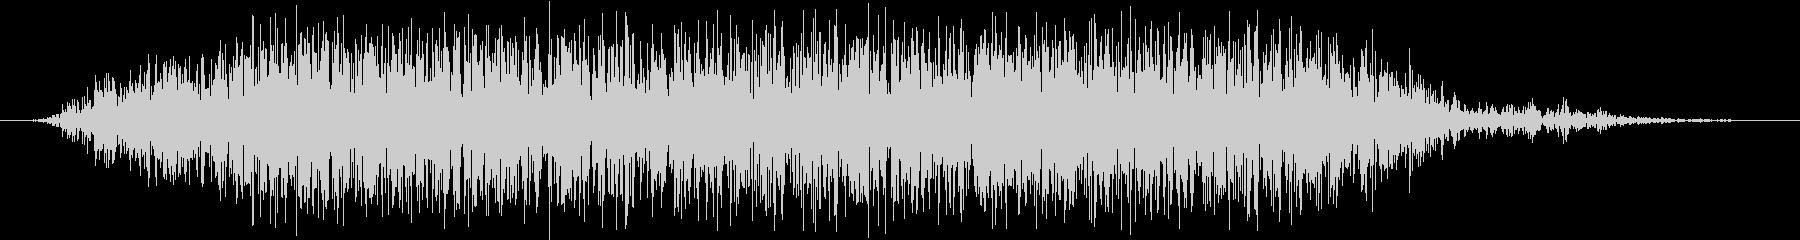 モンスター 悲鳴 45の未再生の波形